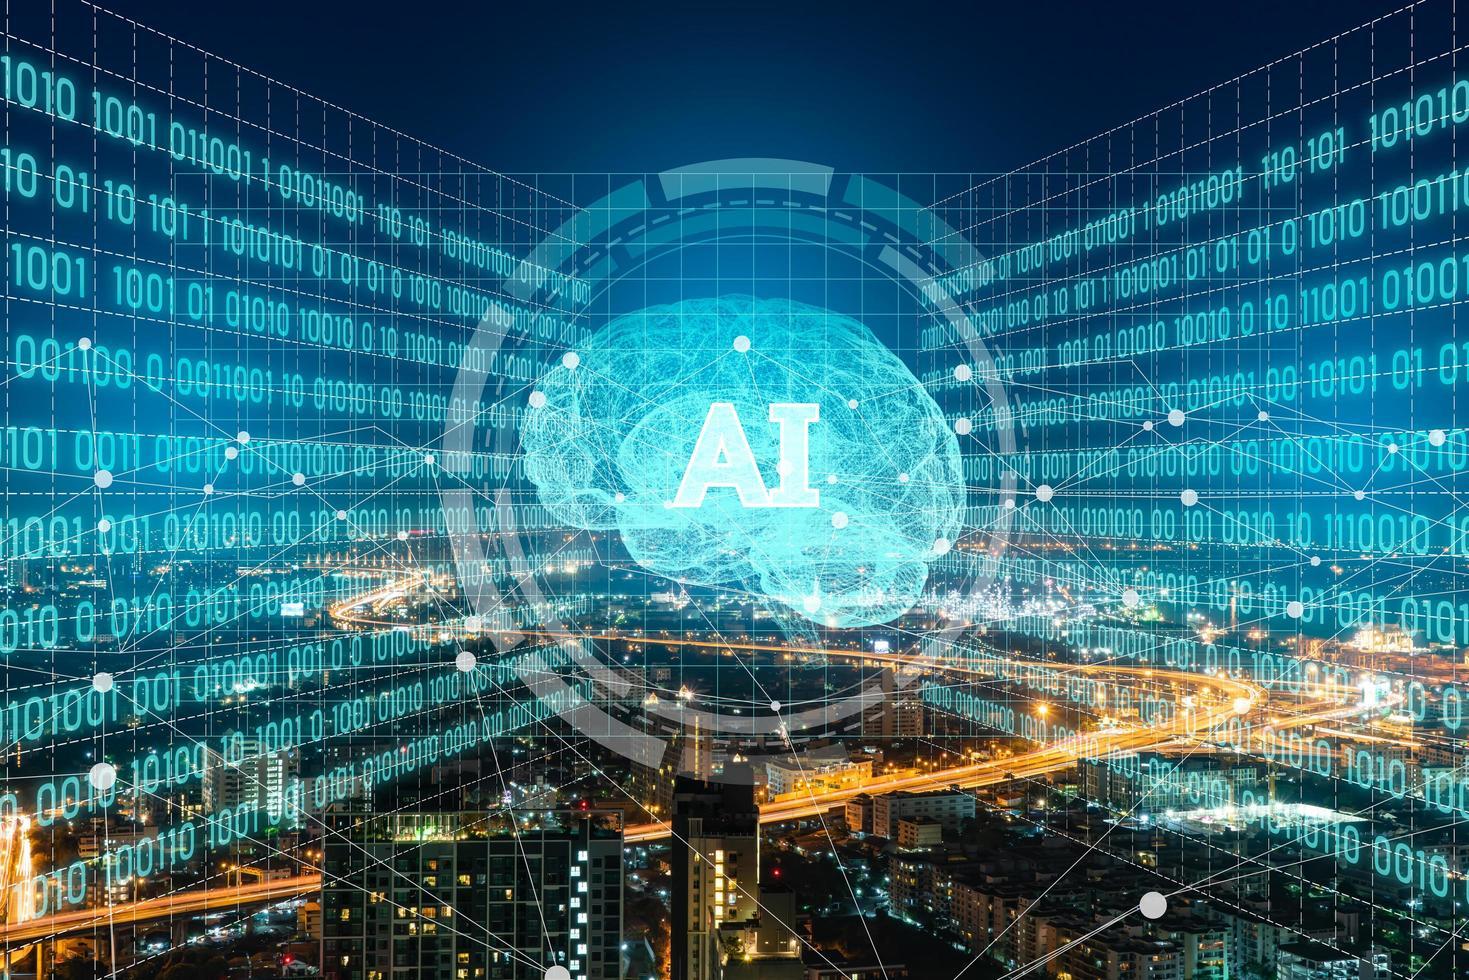 inteligencia artificial ai y sistema de ciudad avanzado ... ciudad inteligente y concepto de red de comunicación. foto